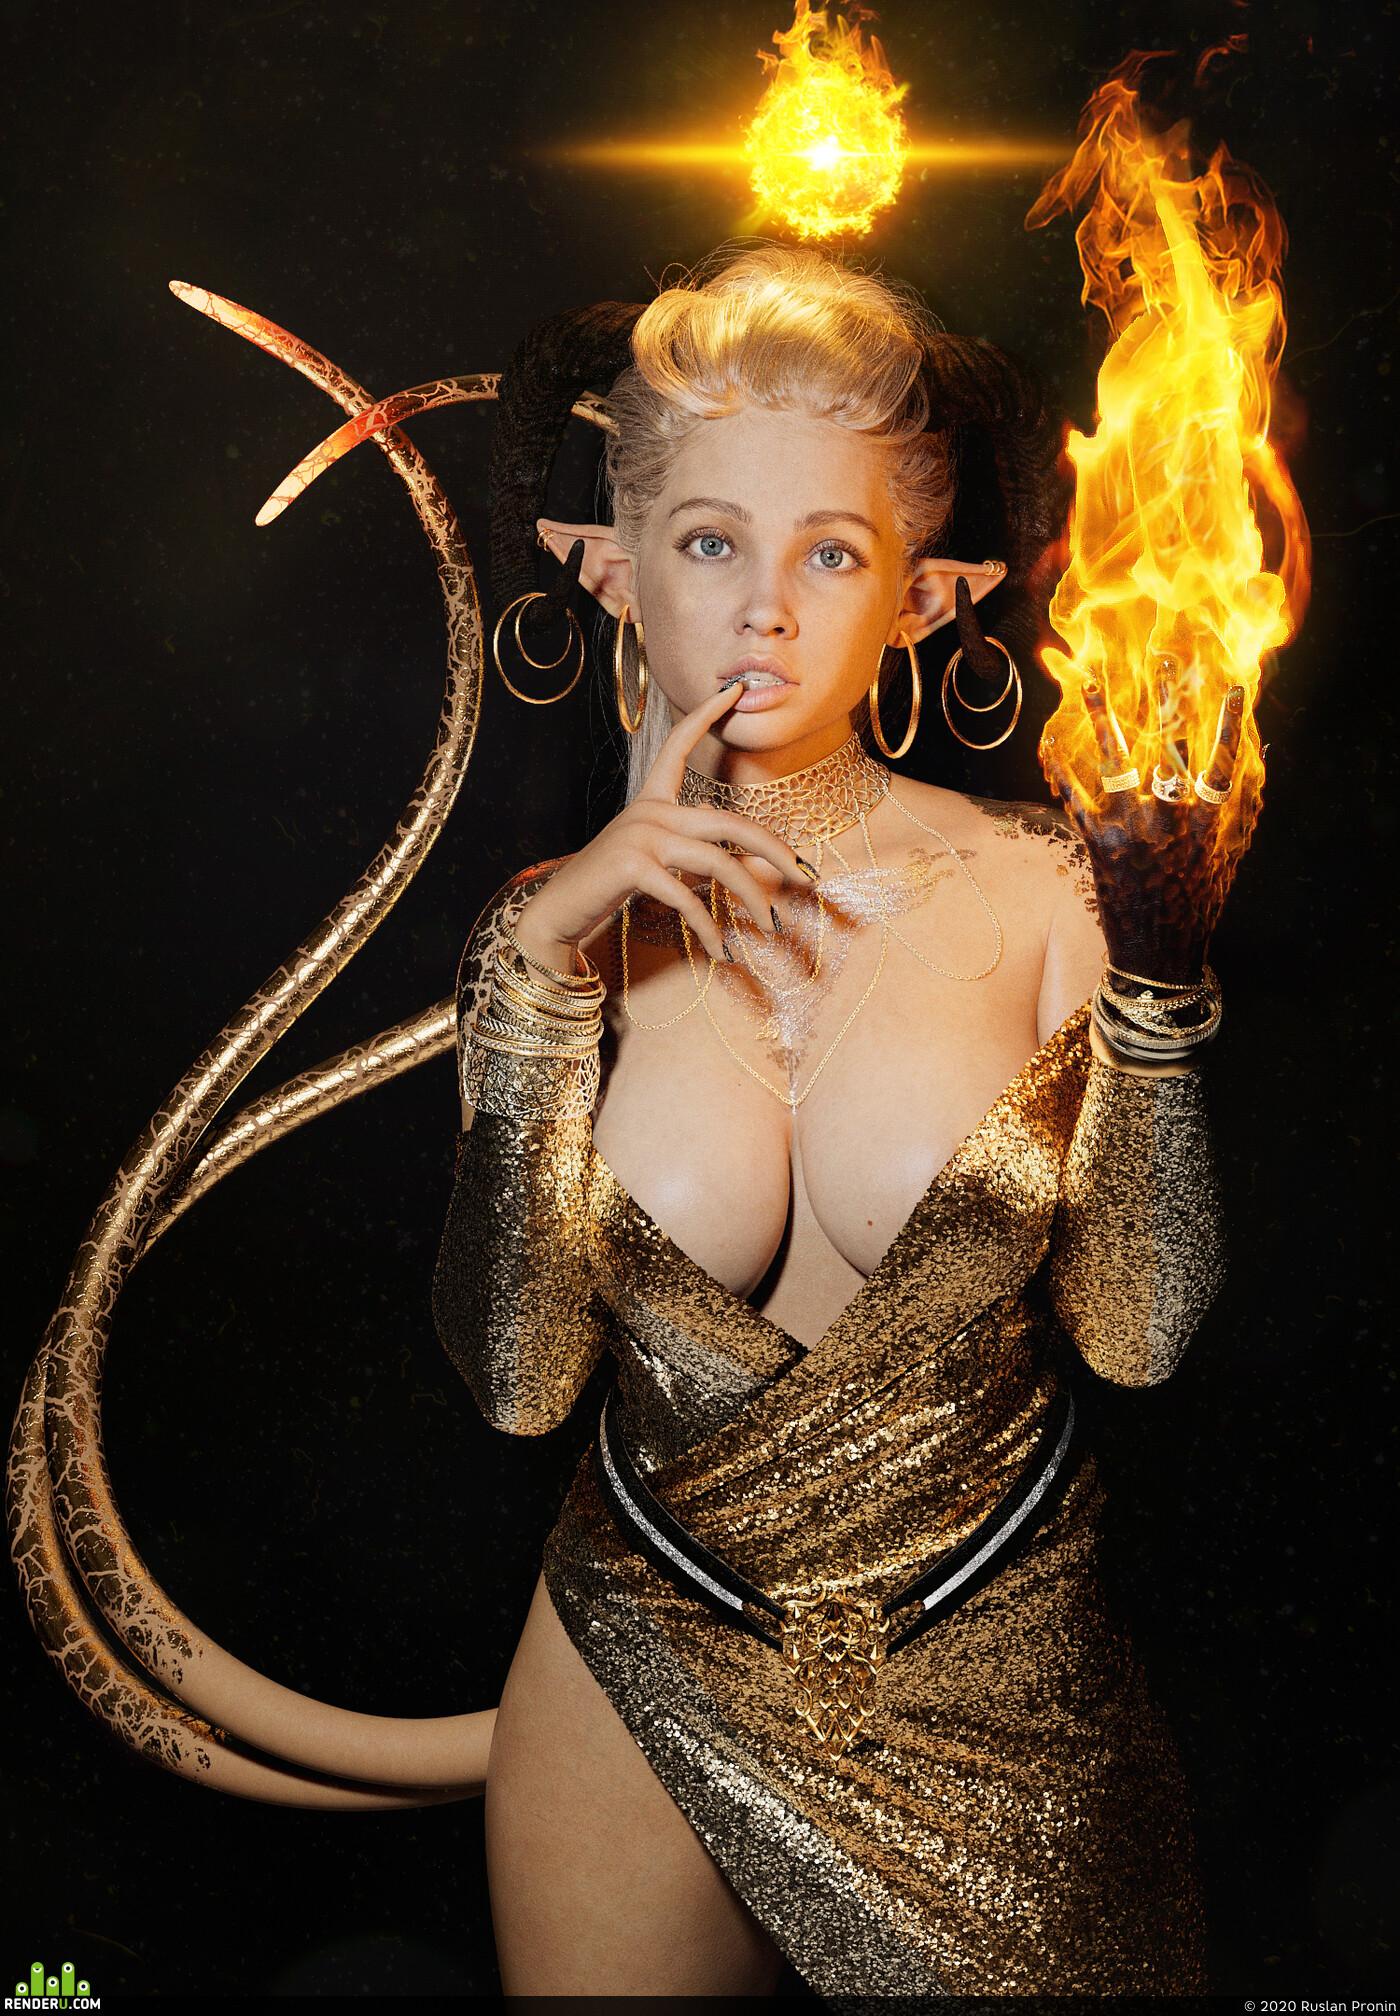 3dgirl, demoness, flame